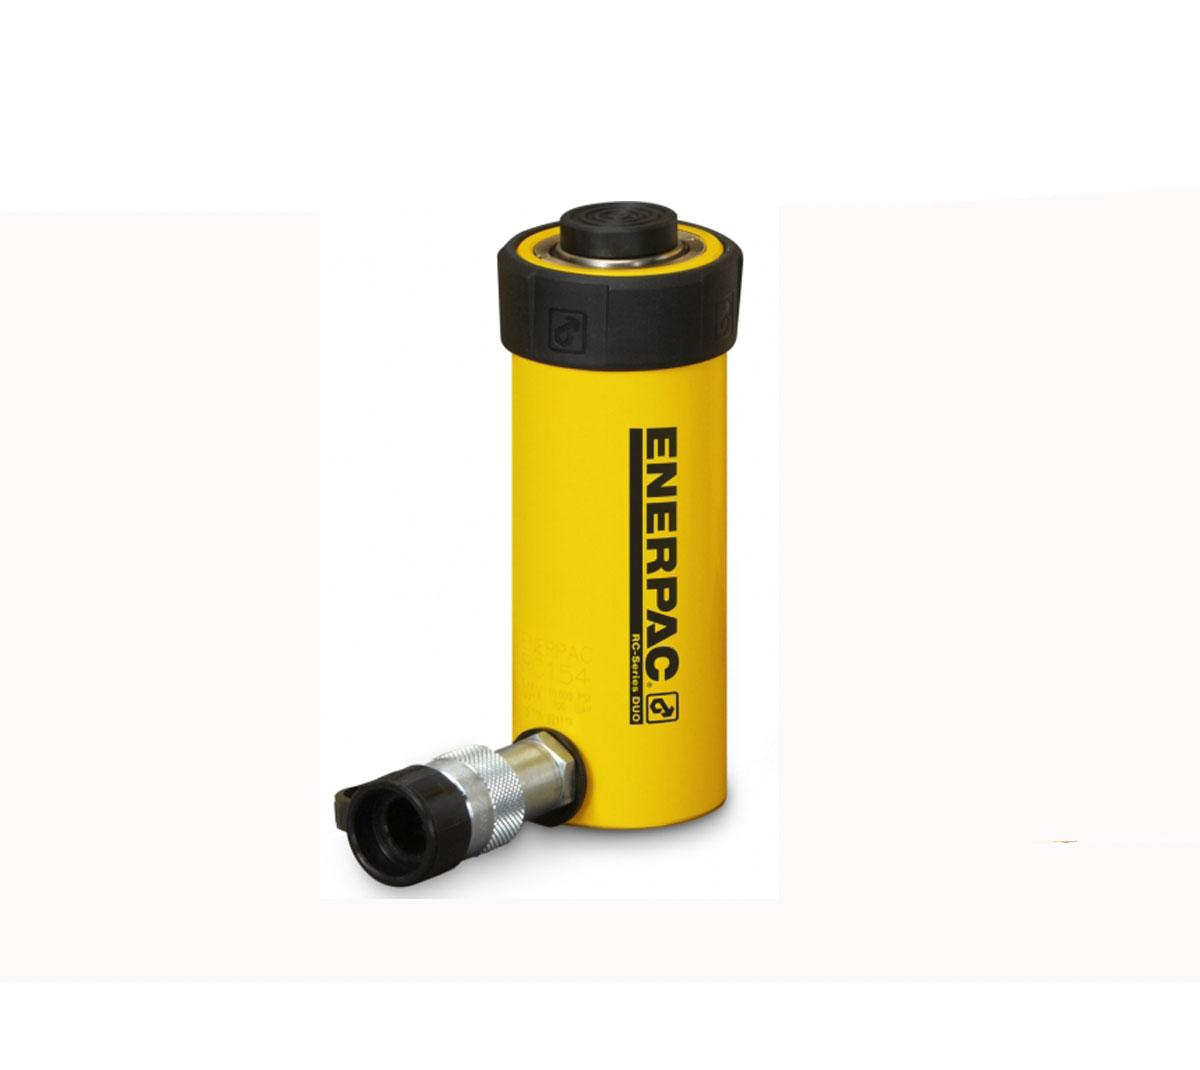 enerpac-rc1510-hydraulic-cylinder-rental